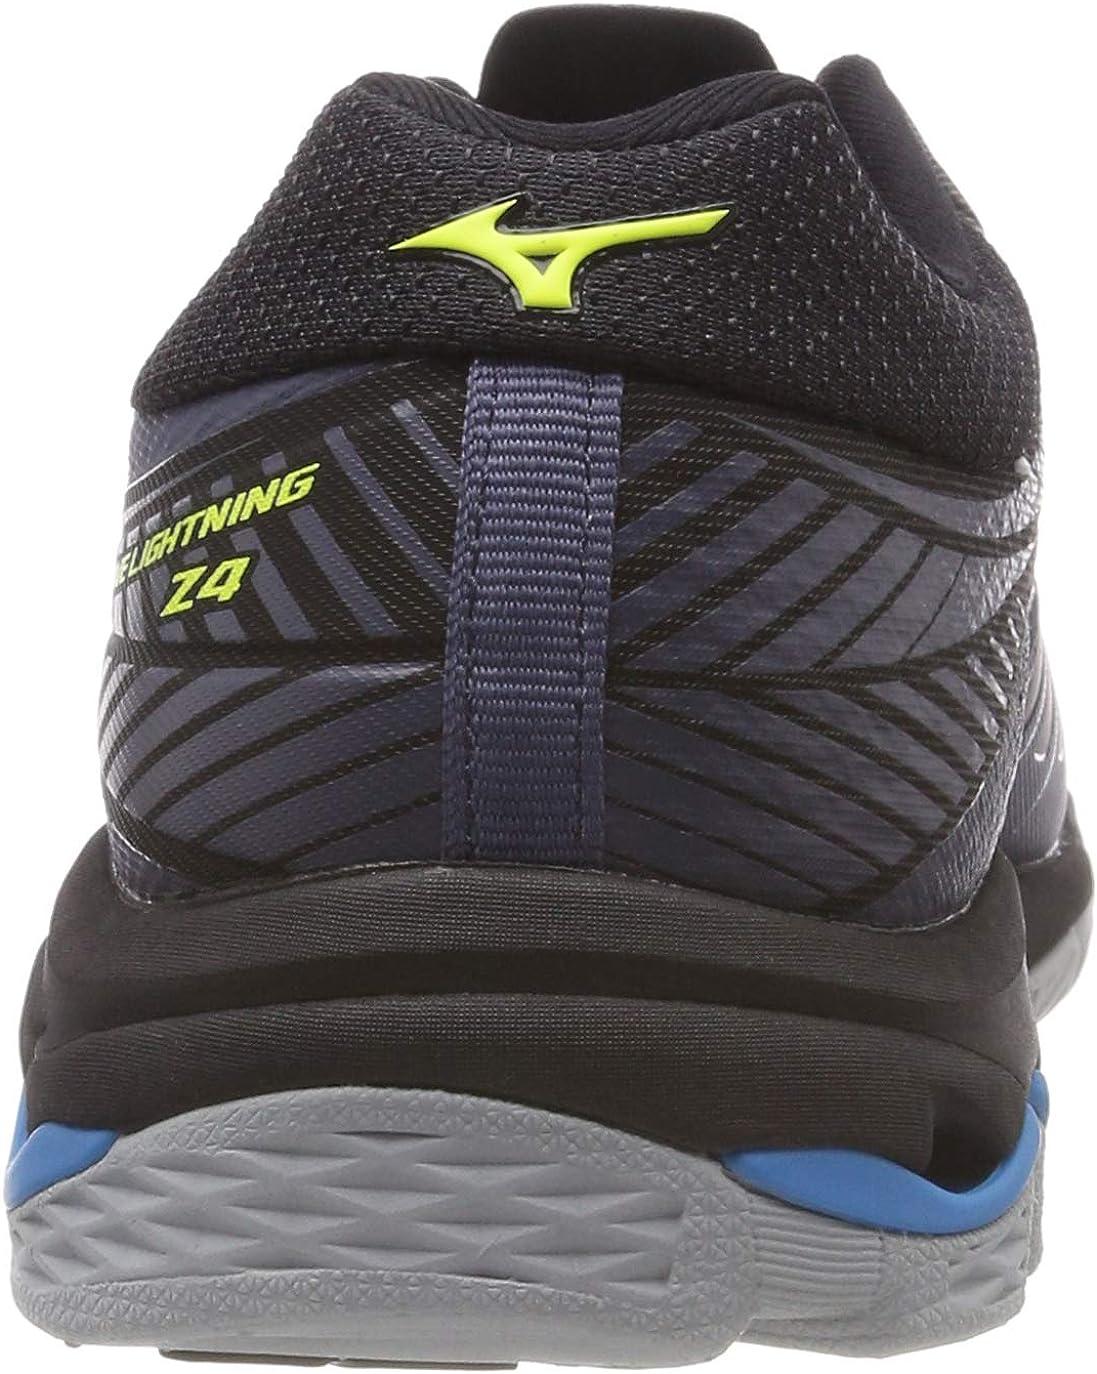 Mizuno Wave Lightning Z4, Zapatos de Voleibol para Hombre: Amazon ...